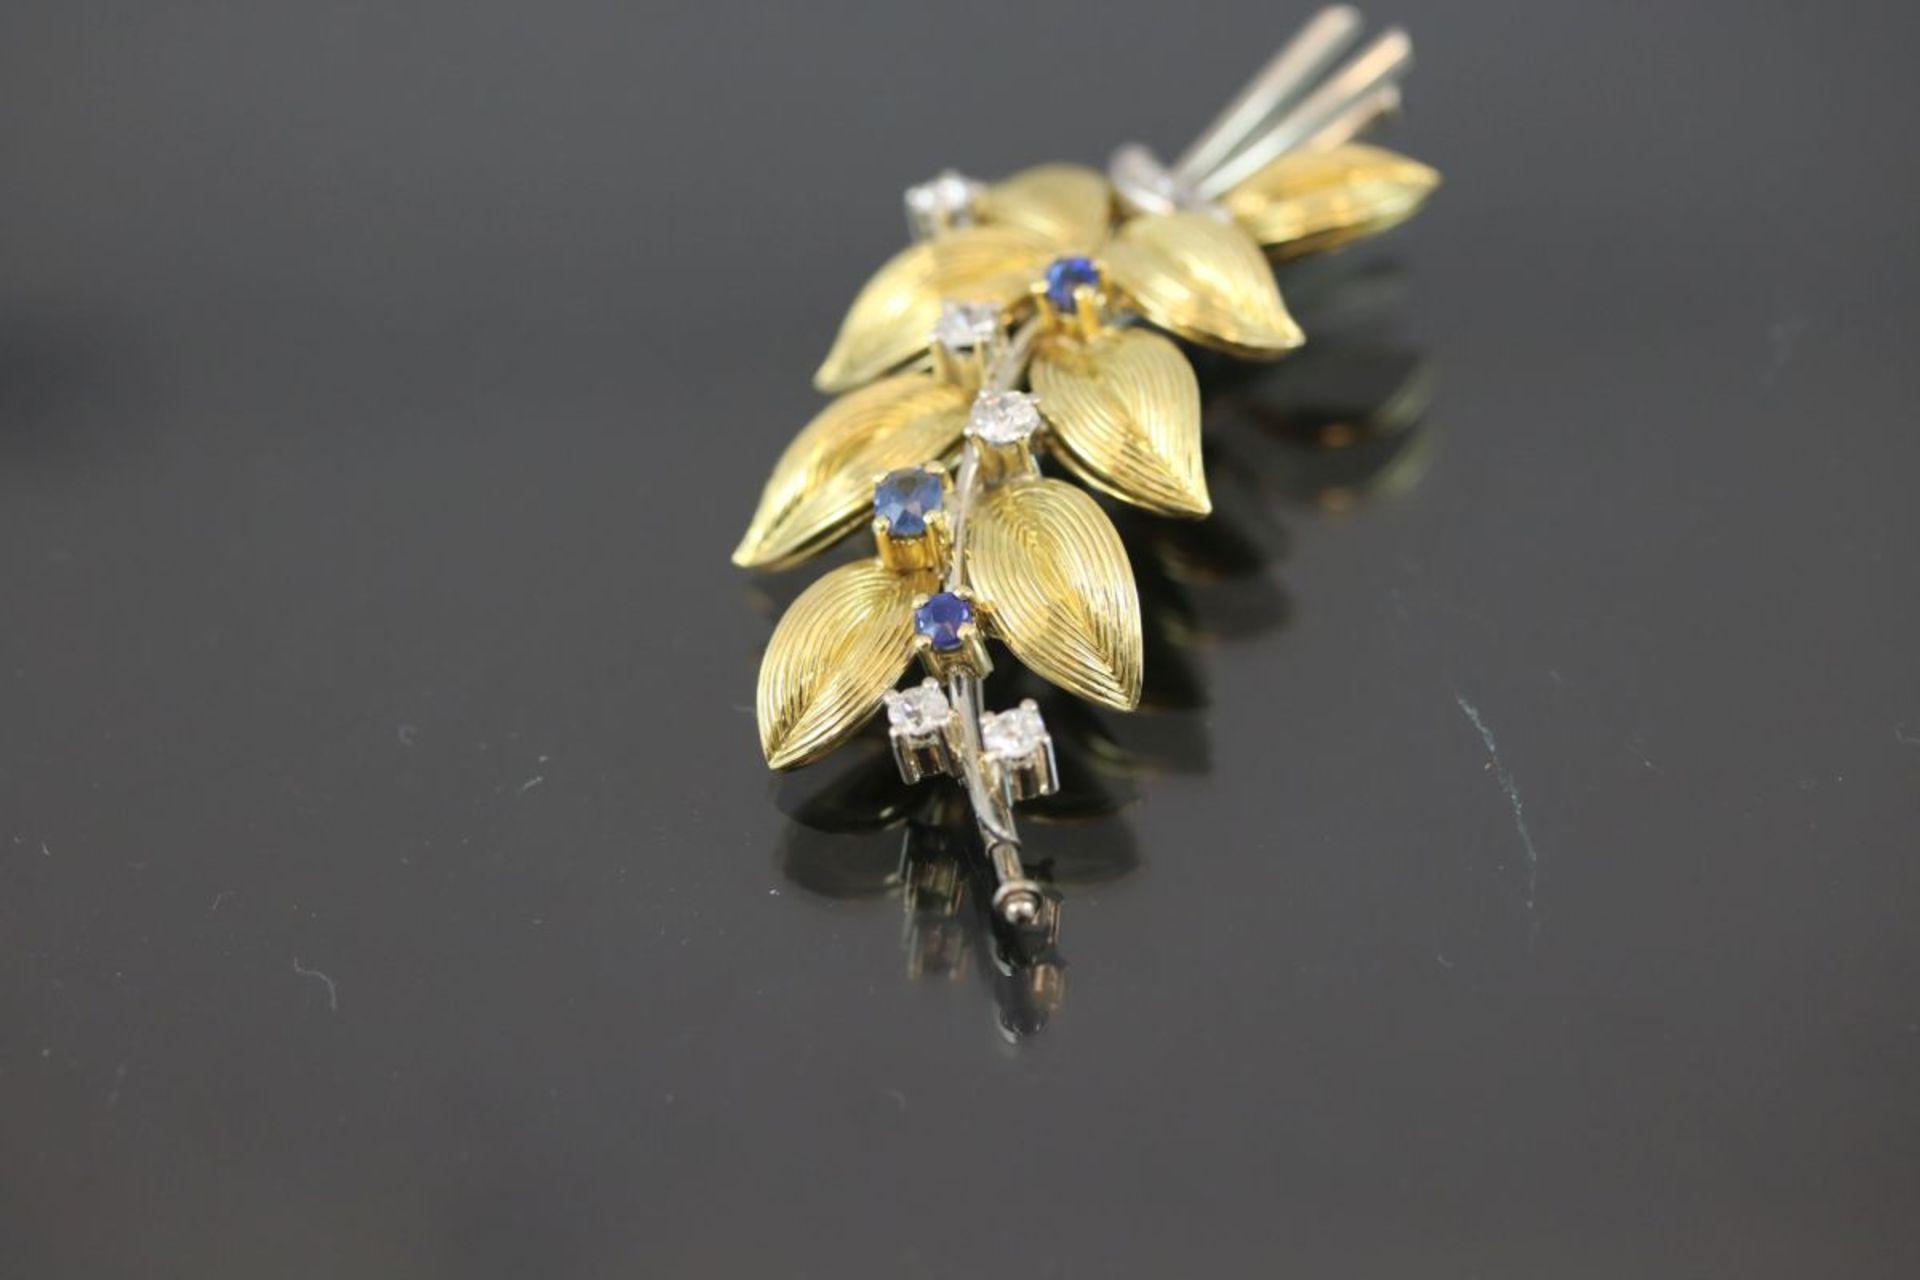 Saphir-Diamant-Brosche, 750 Gold15,6 Gramm 6 Diamanten, ca. 0,60 ct., tc/p1. Schätzpreis: 2000,- - Bild 3 aus 3